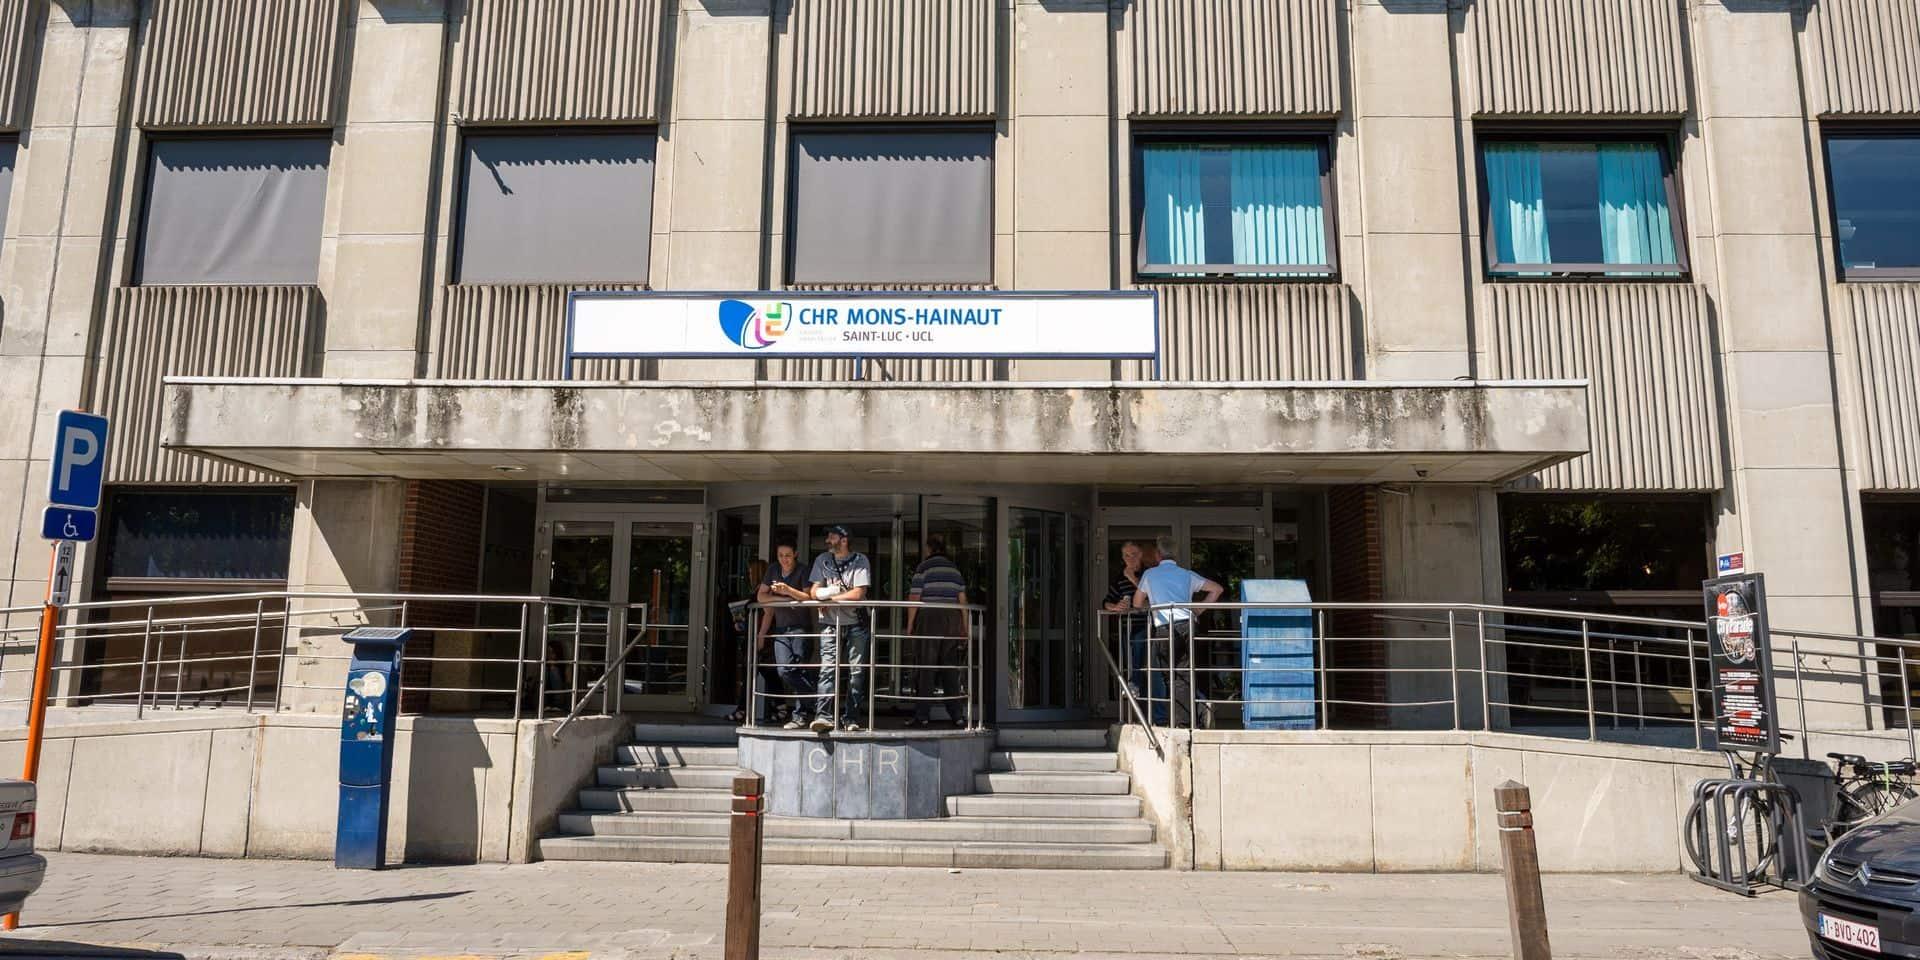 Un préavis de grève déposé au CHR Mons-Hainaut